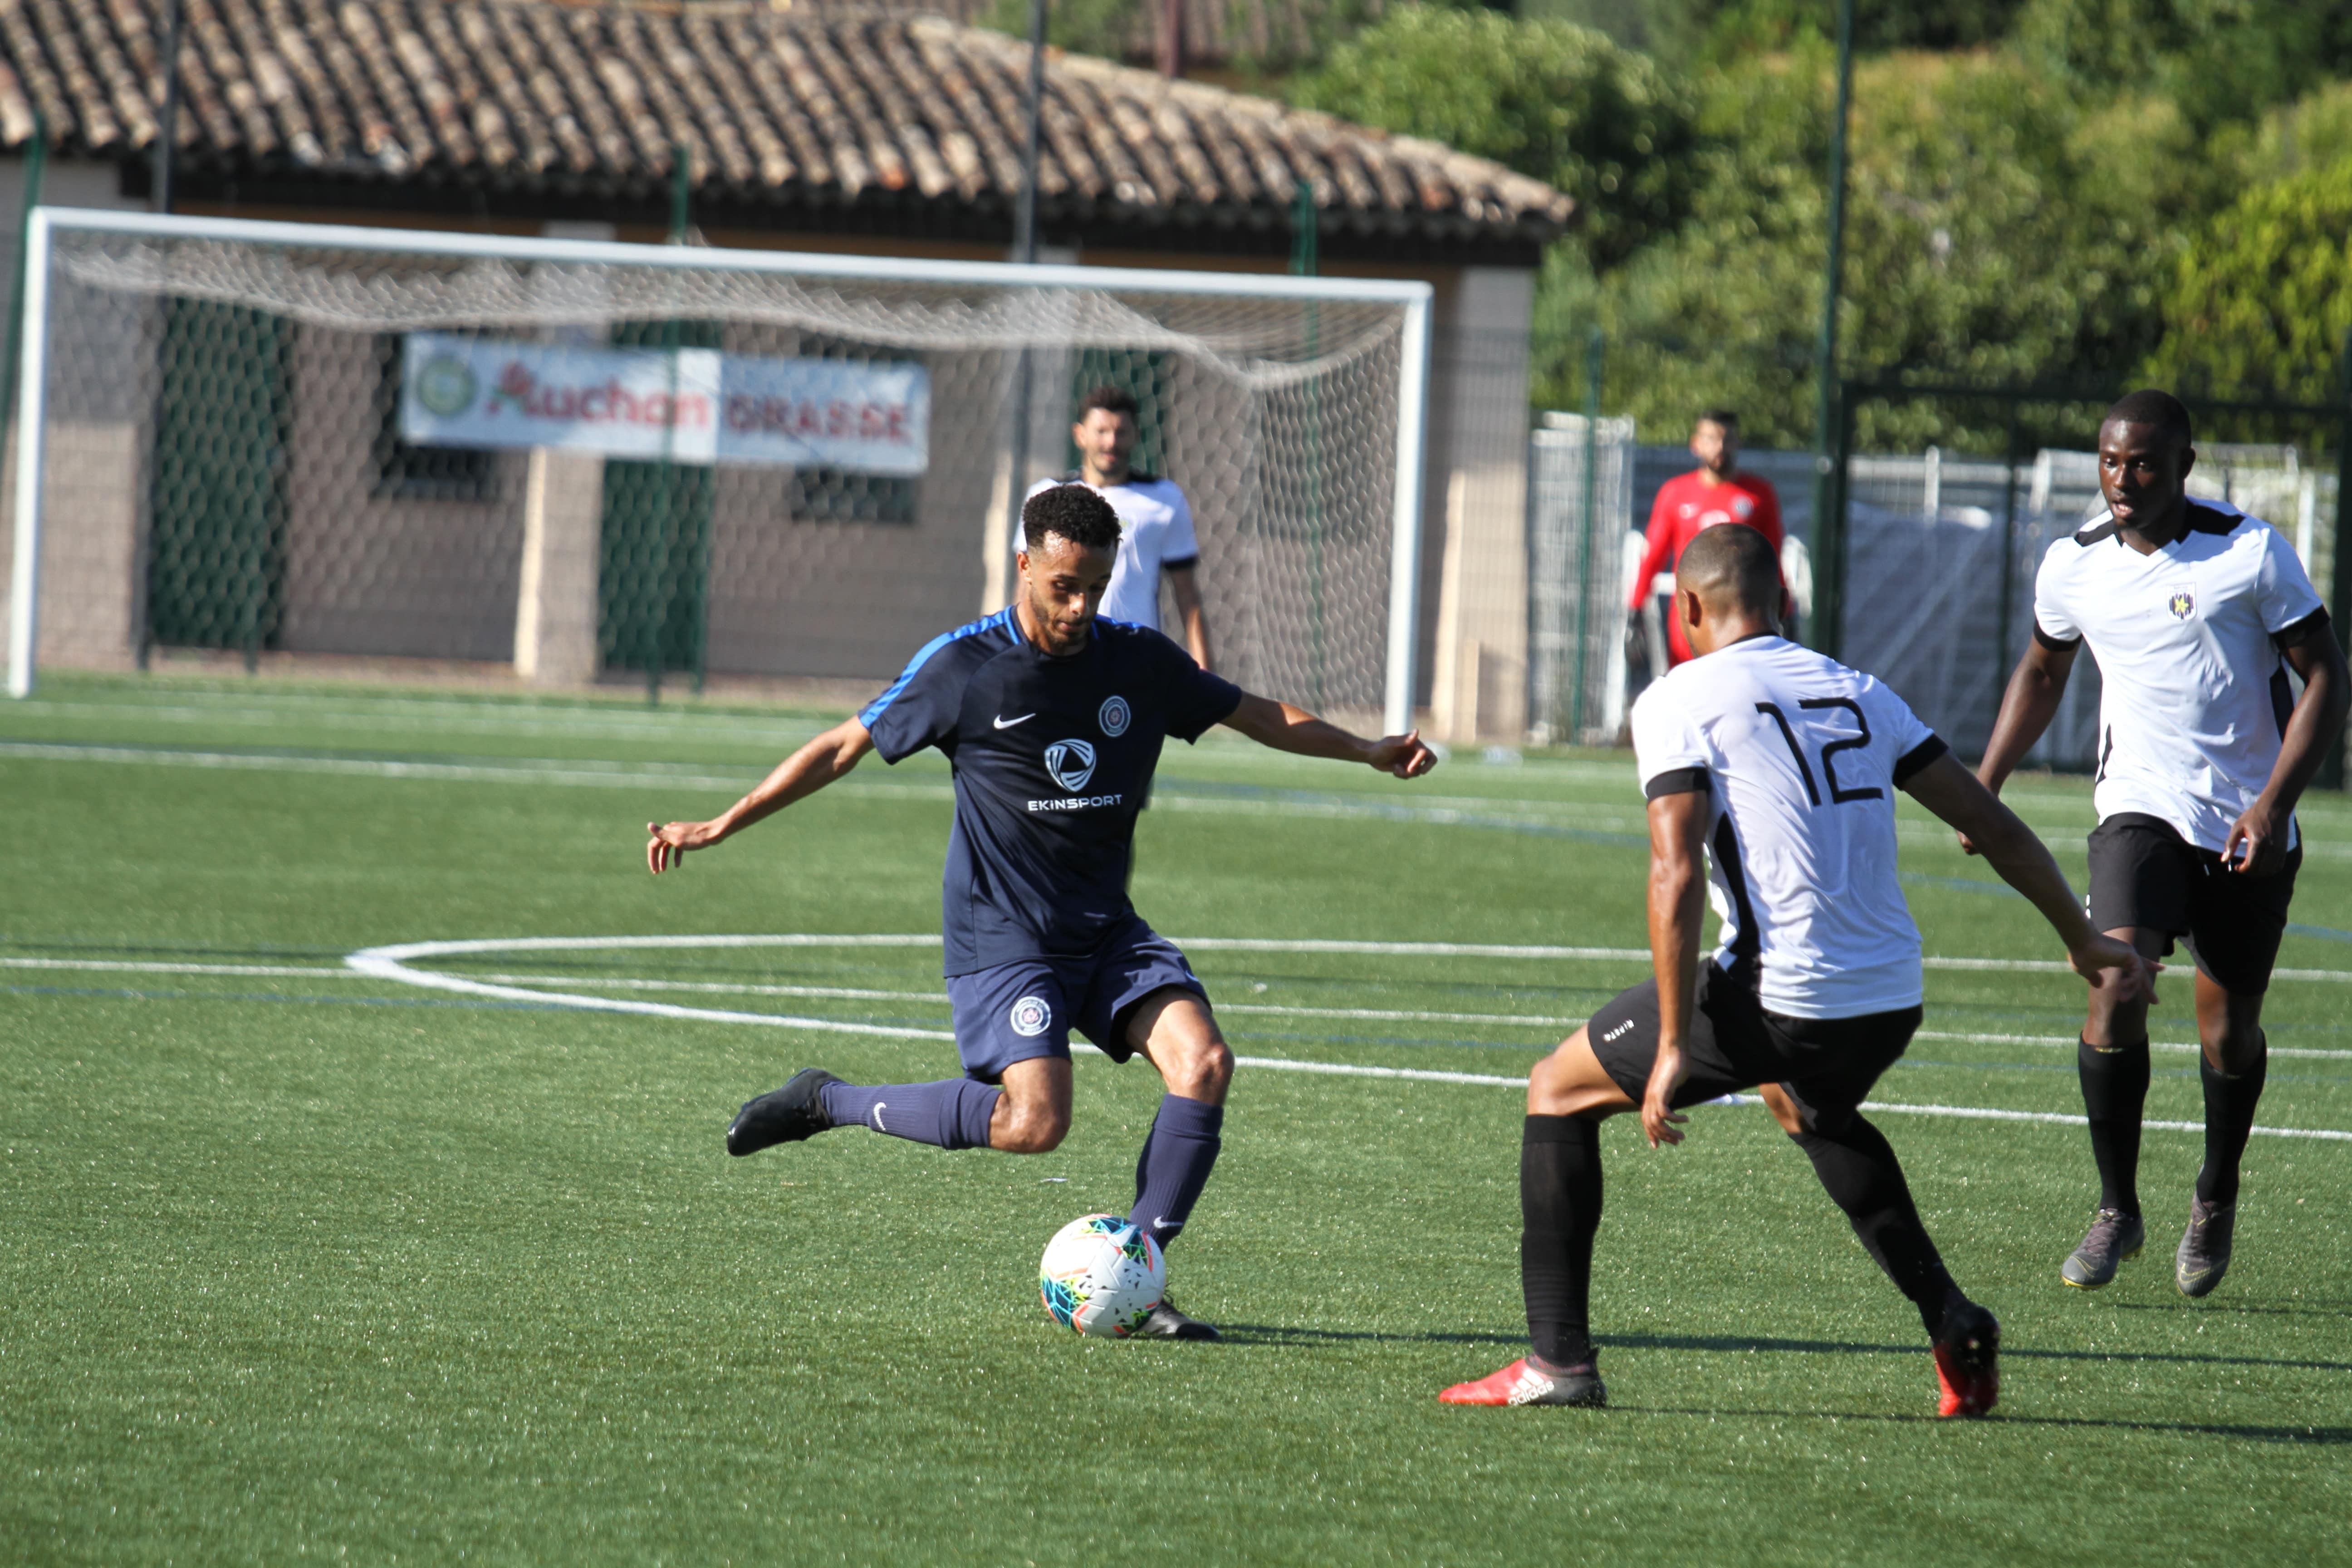 Revivez la victoire du RC Grasse face au Istres FC en photos